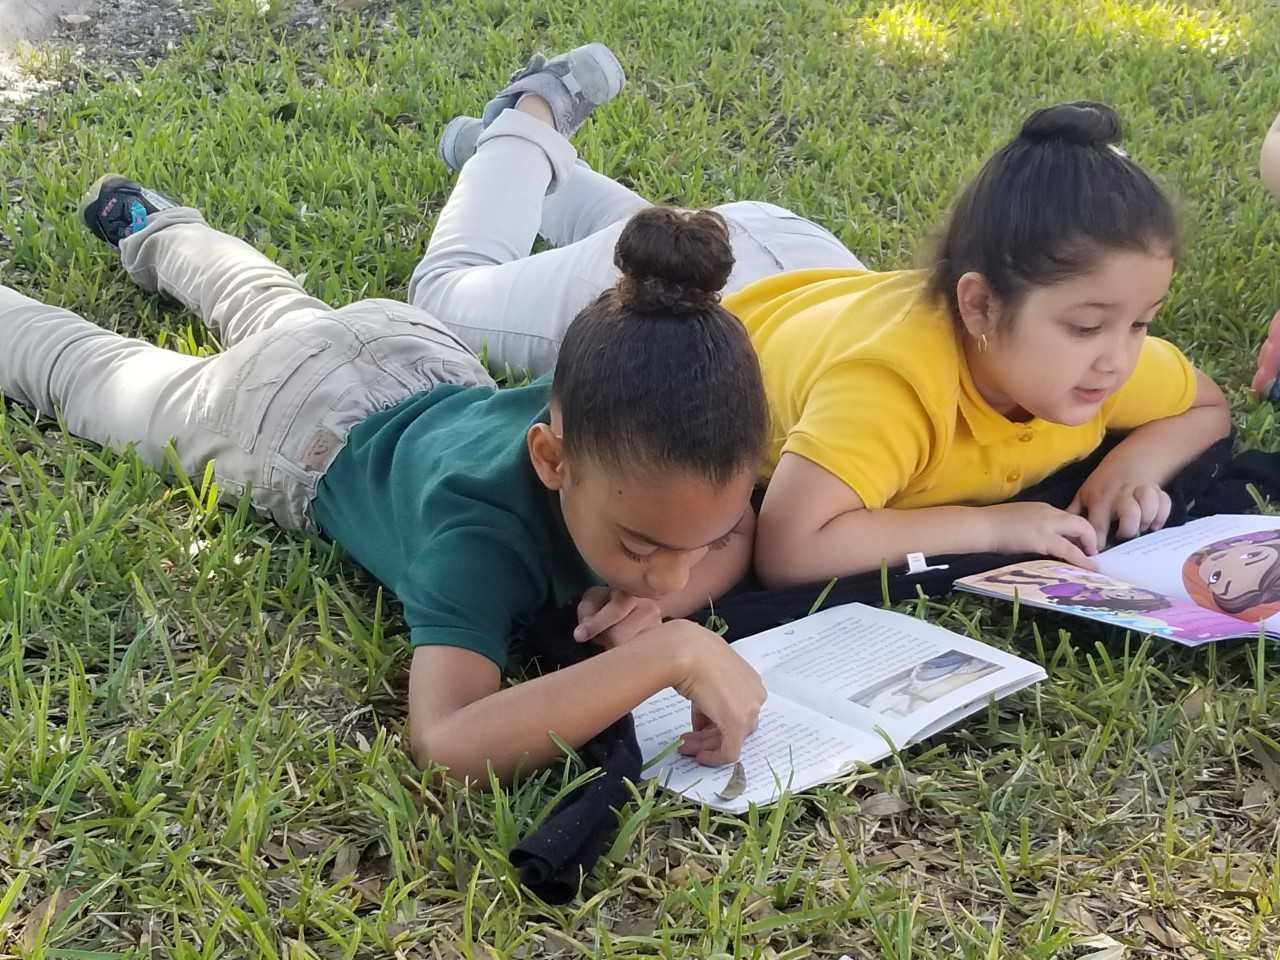 reading in grass.jpg